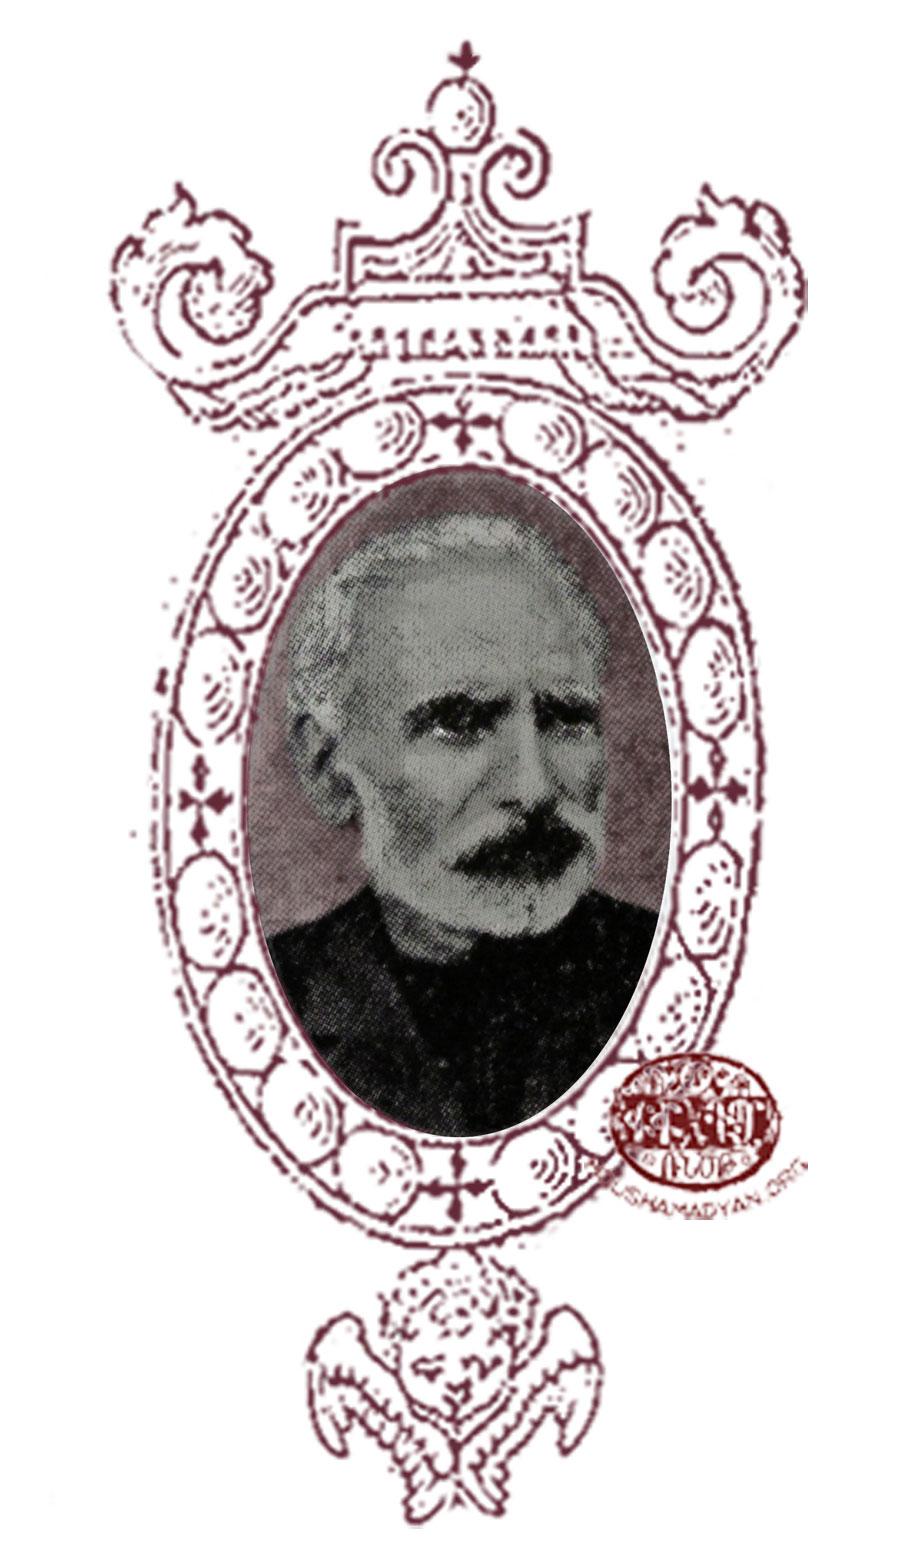 Կարապետ Լիւլէճեան